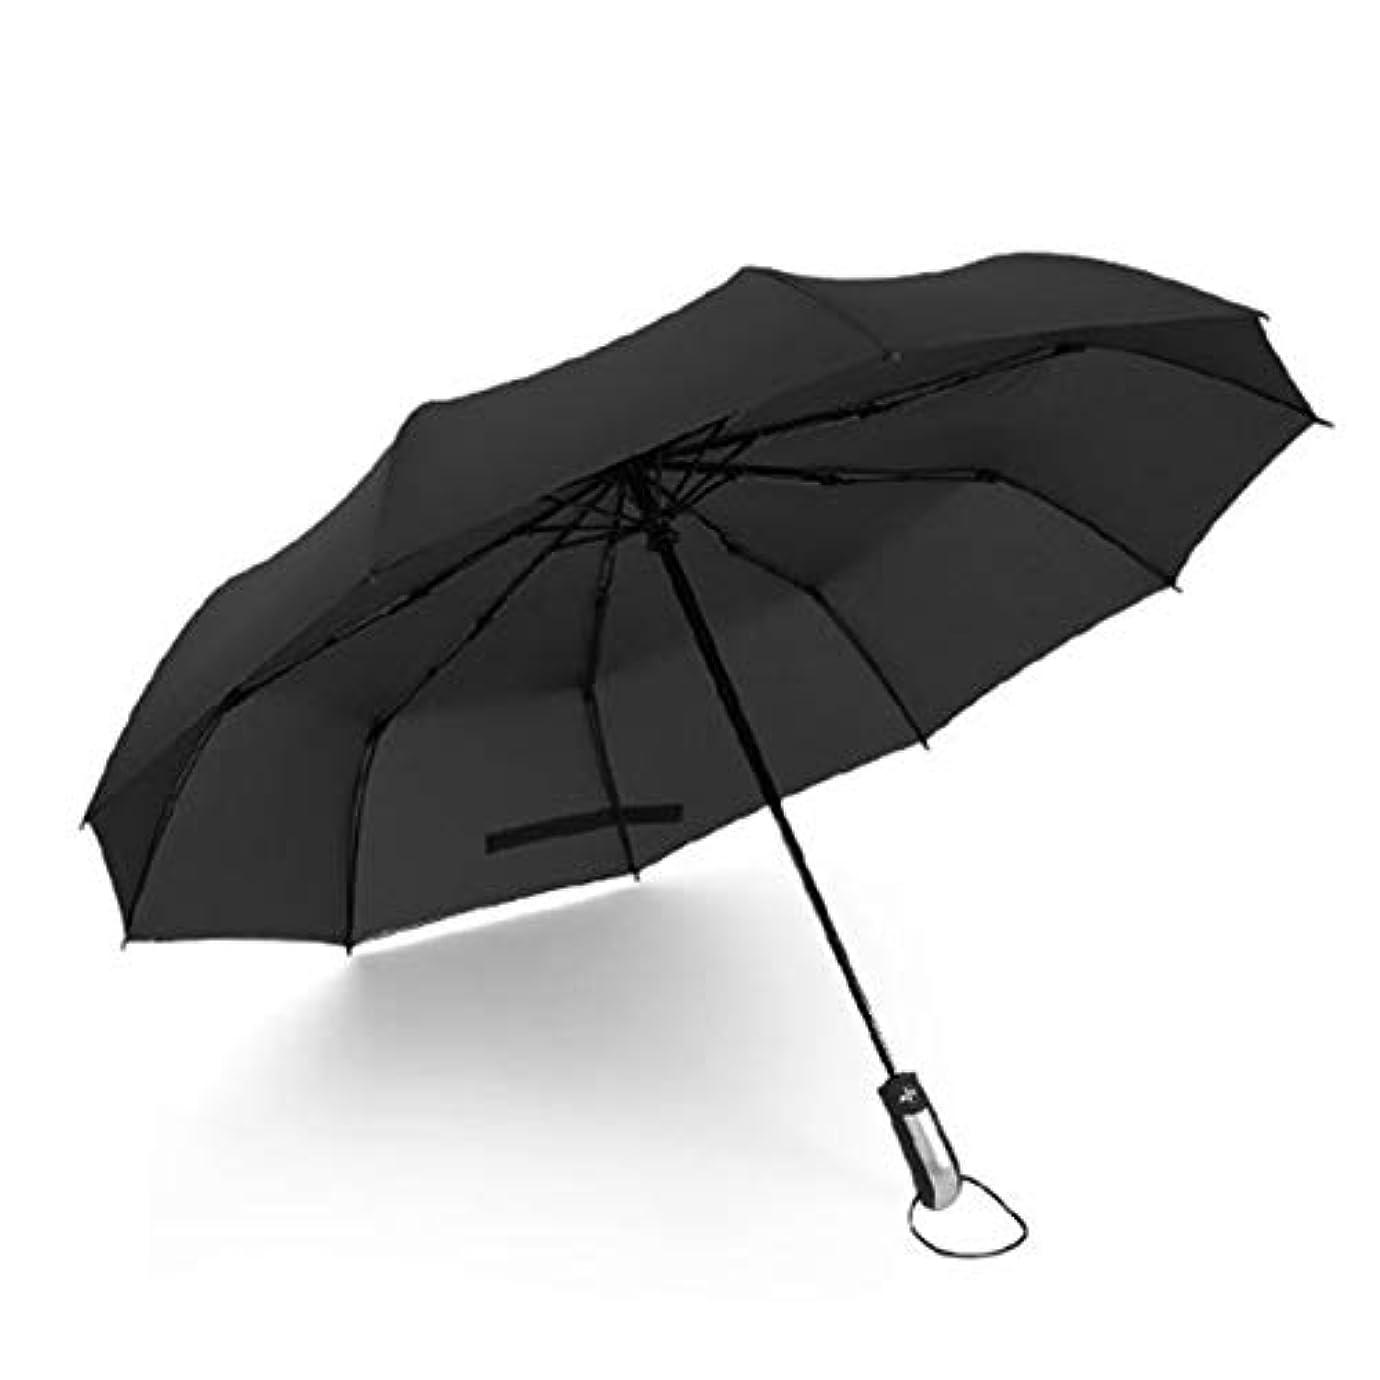 にはまって出血足音Saikogoods 全自動日 - 雨の傘 トリプルフォールディング 男性女性 強化のために10-リブ ビジネス傘 黒